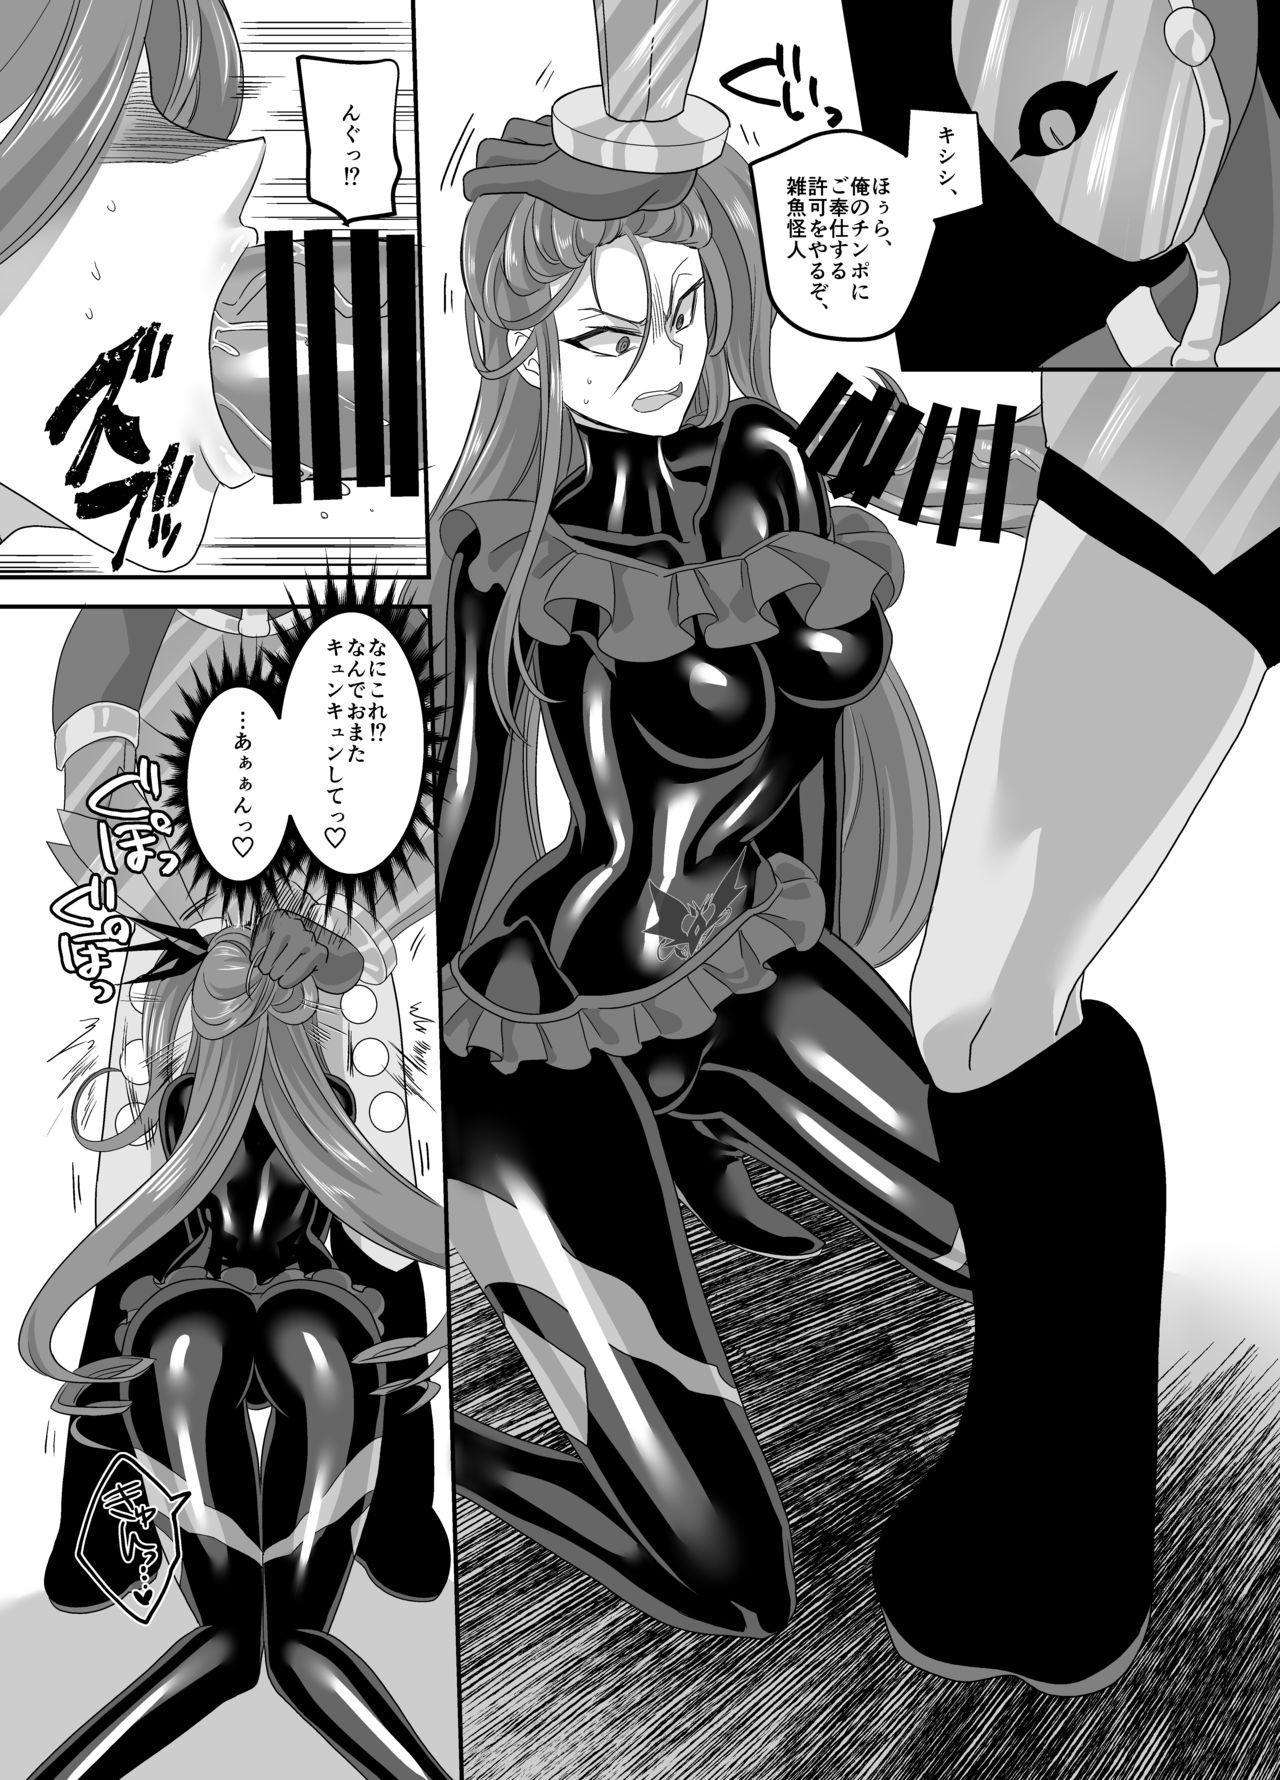 Saikyou no Seigi no Hero wa Kagami no Naka dewa Saijaku no Kaijin 28